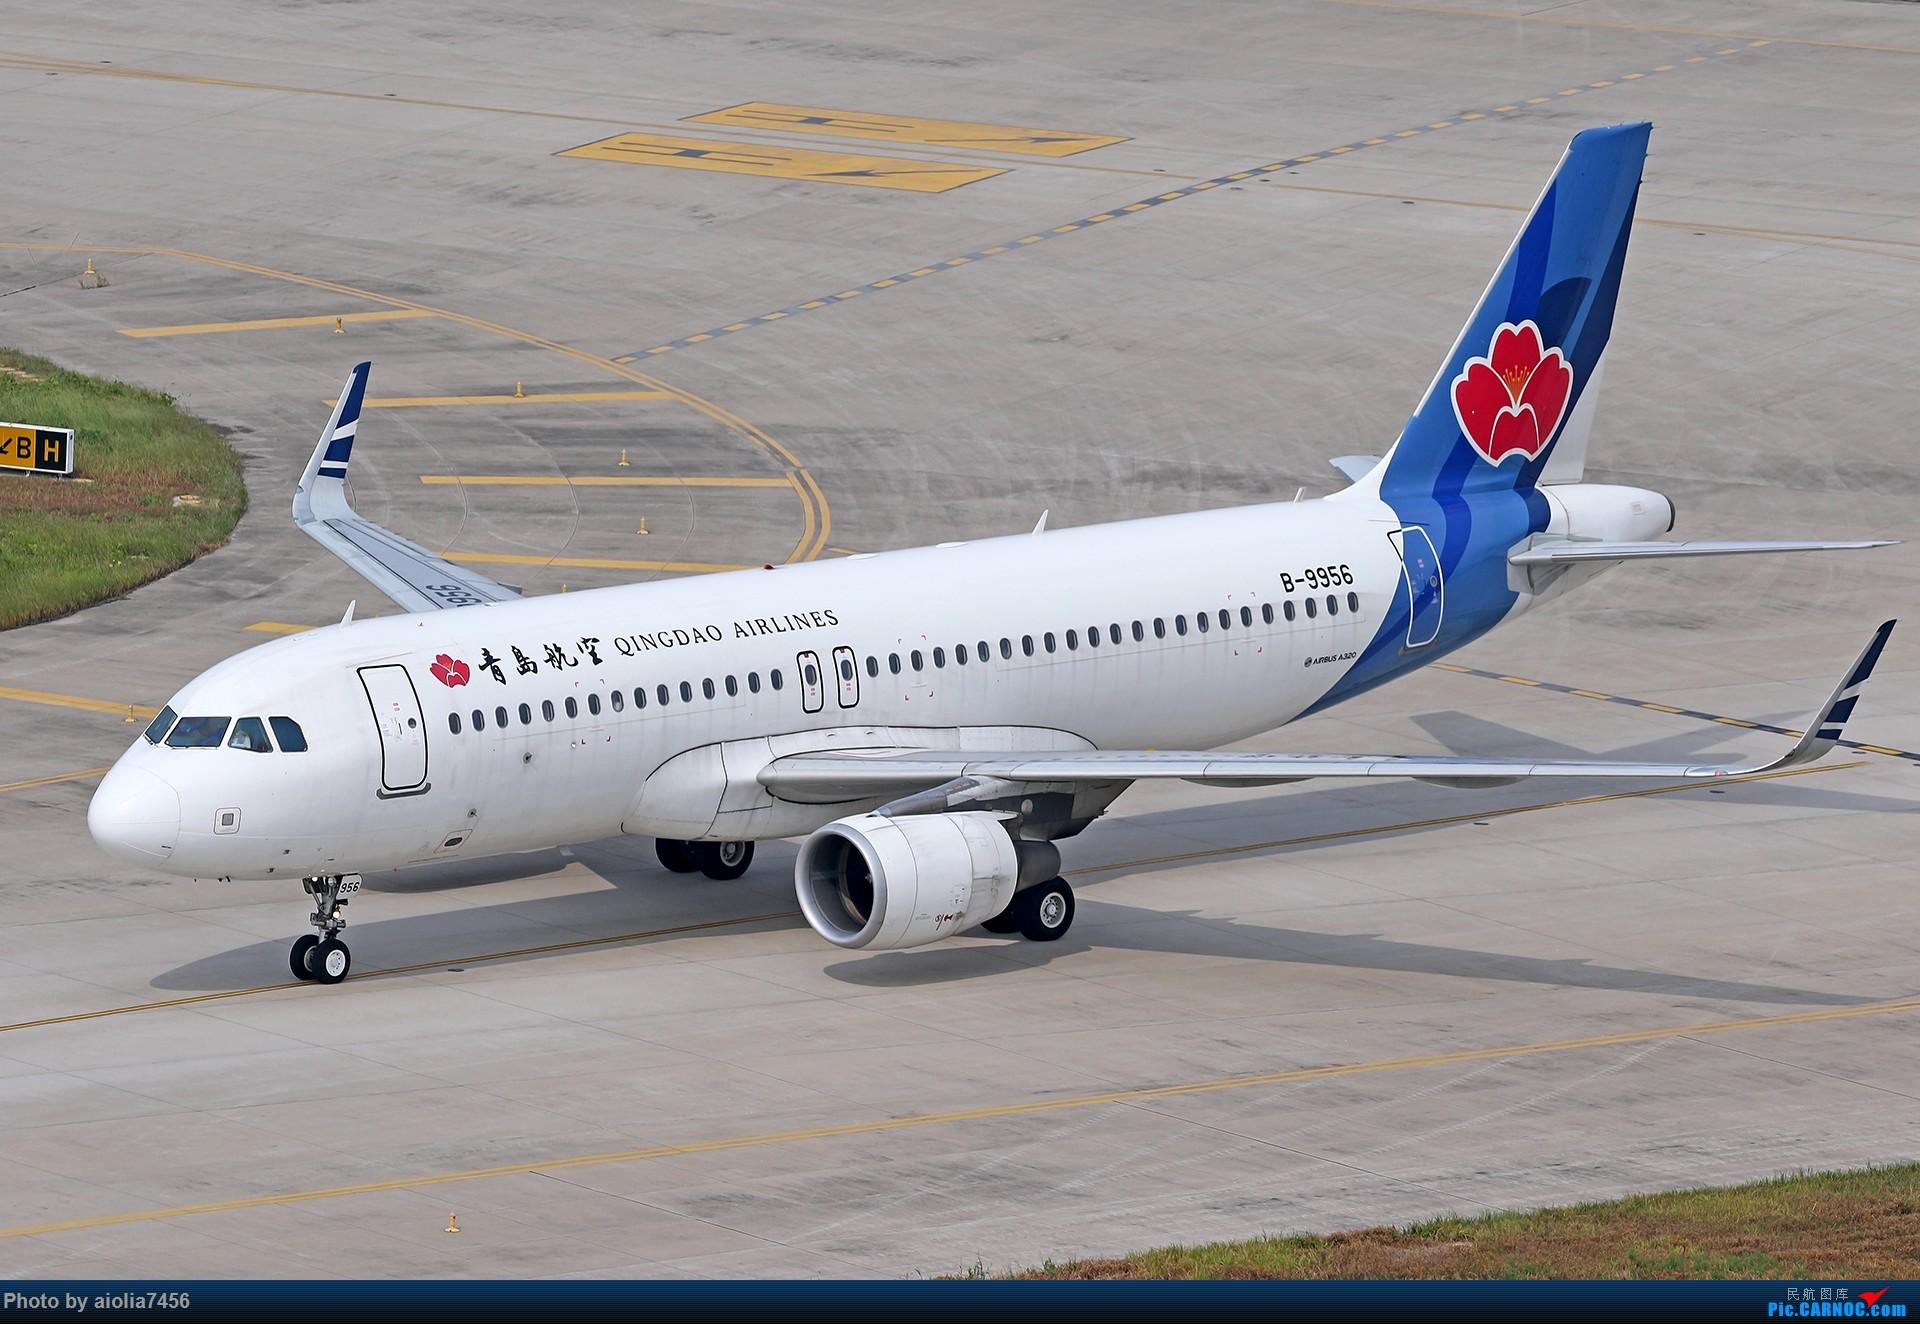 [原创]【合肥飞友会】[霸都打鸡队]好吧,算是我偷懒没发帖。。。但是塔台和雷达塔的日常一次都不能少 AIRBUS A320-200 B-9956 中国合肥新桥国际机场